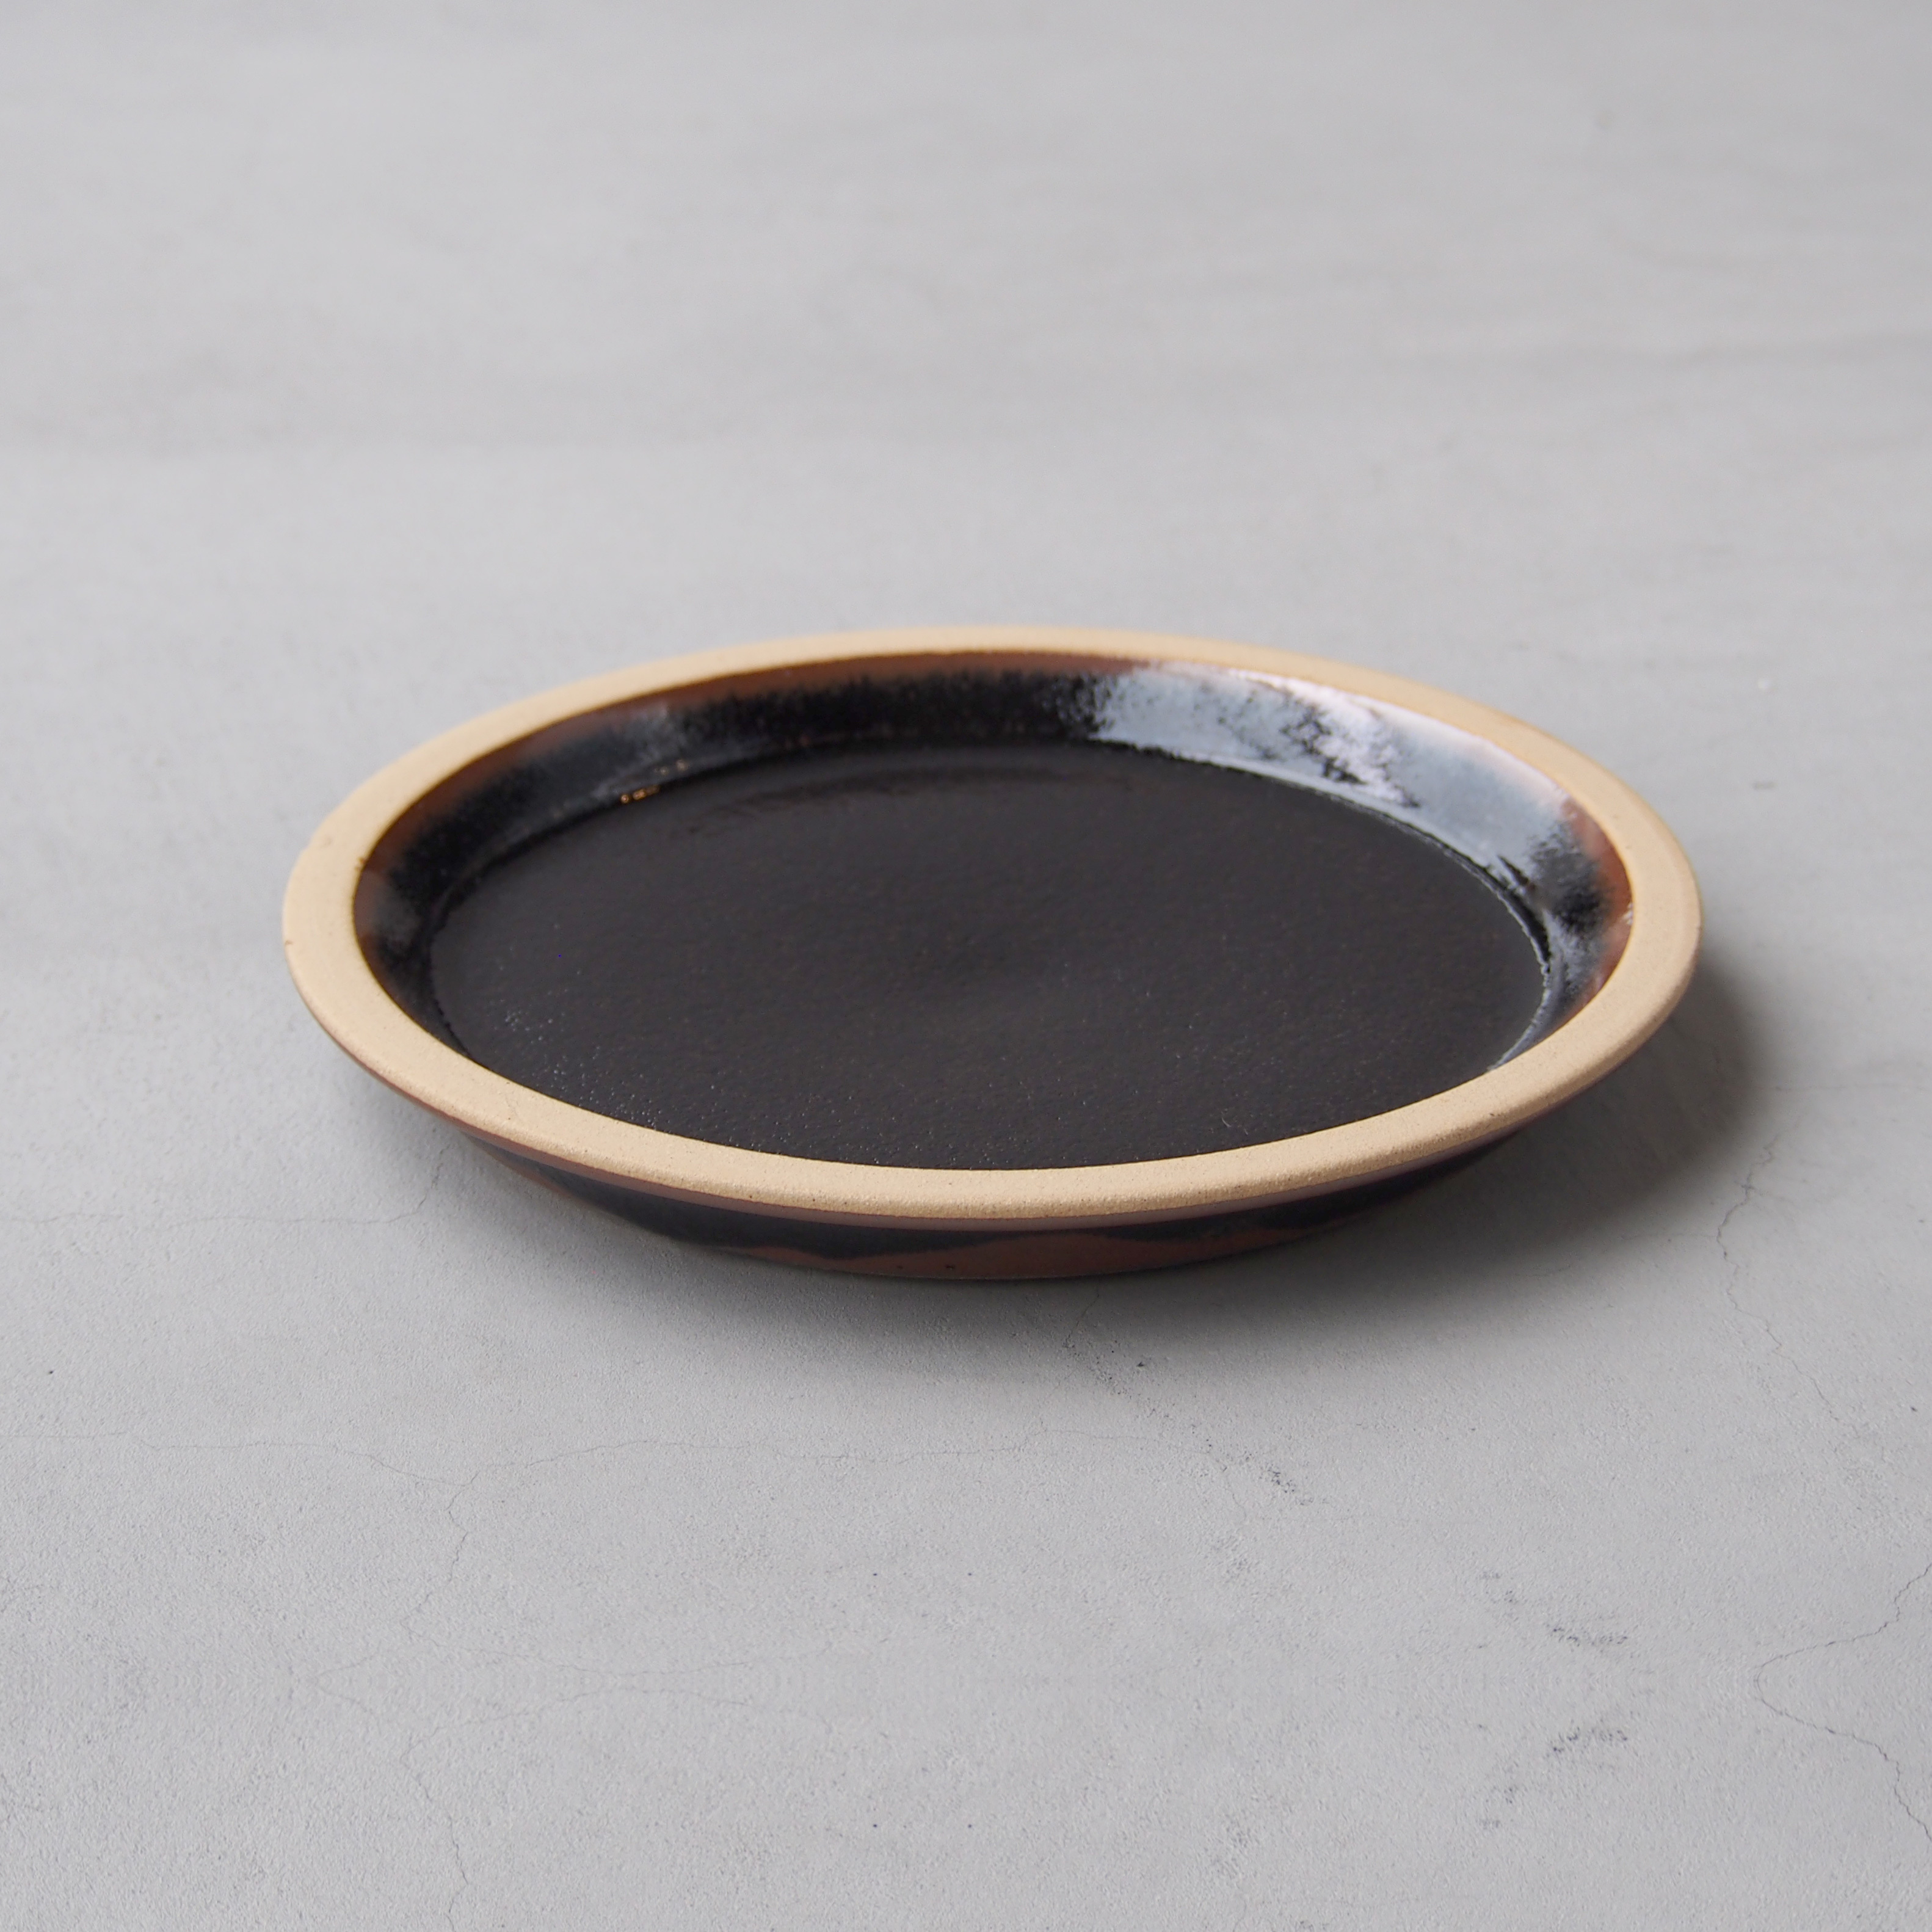 出西窯 モーニングプレート7寸 黒